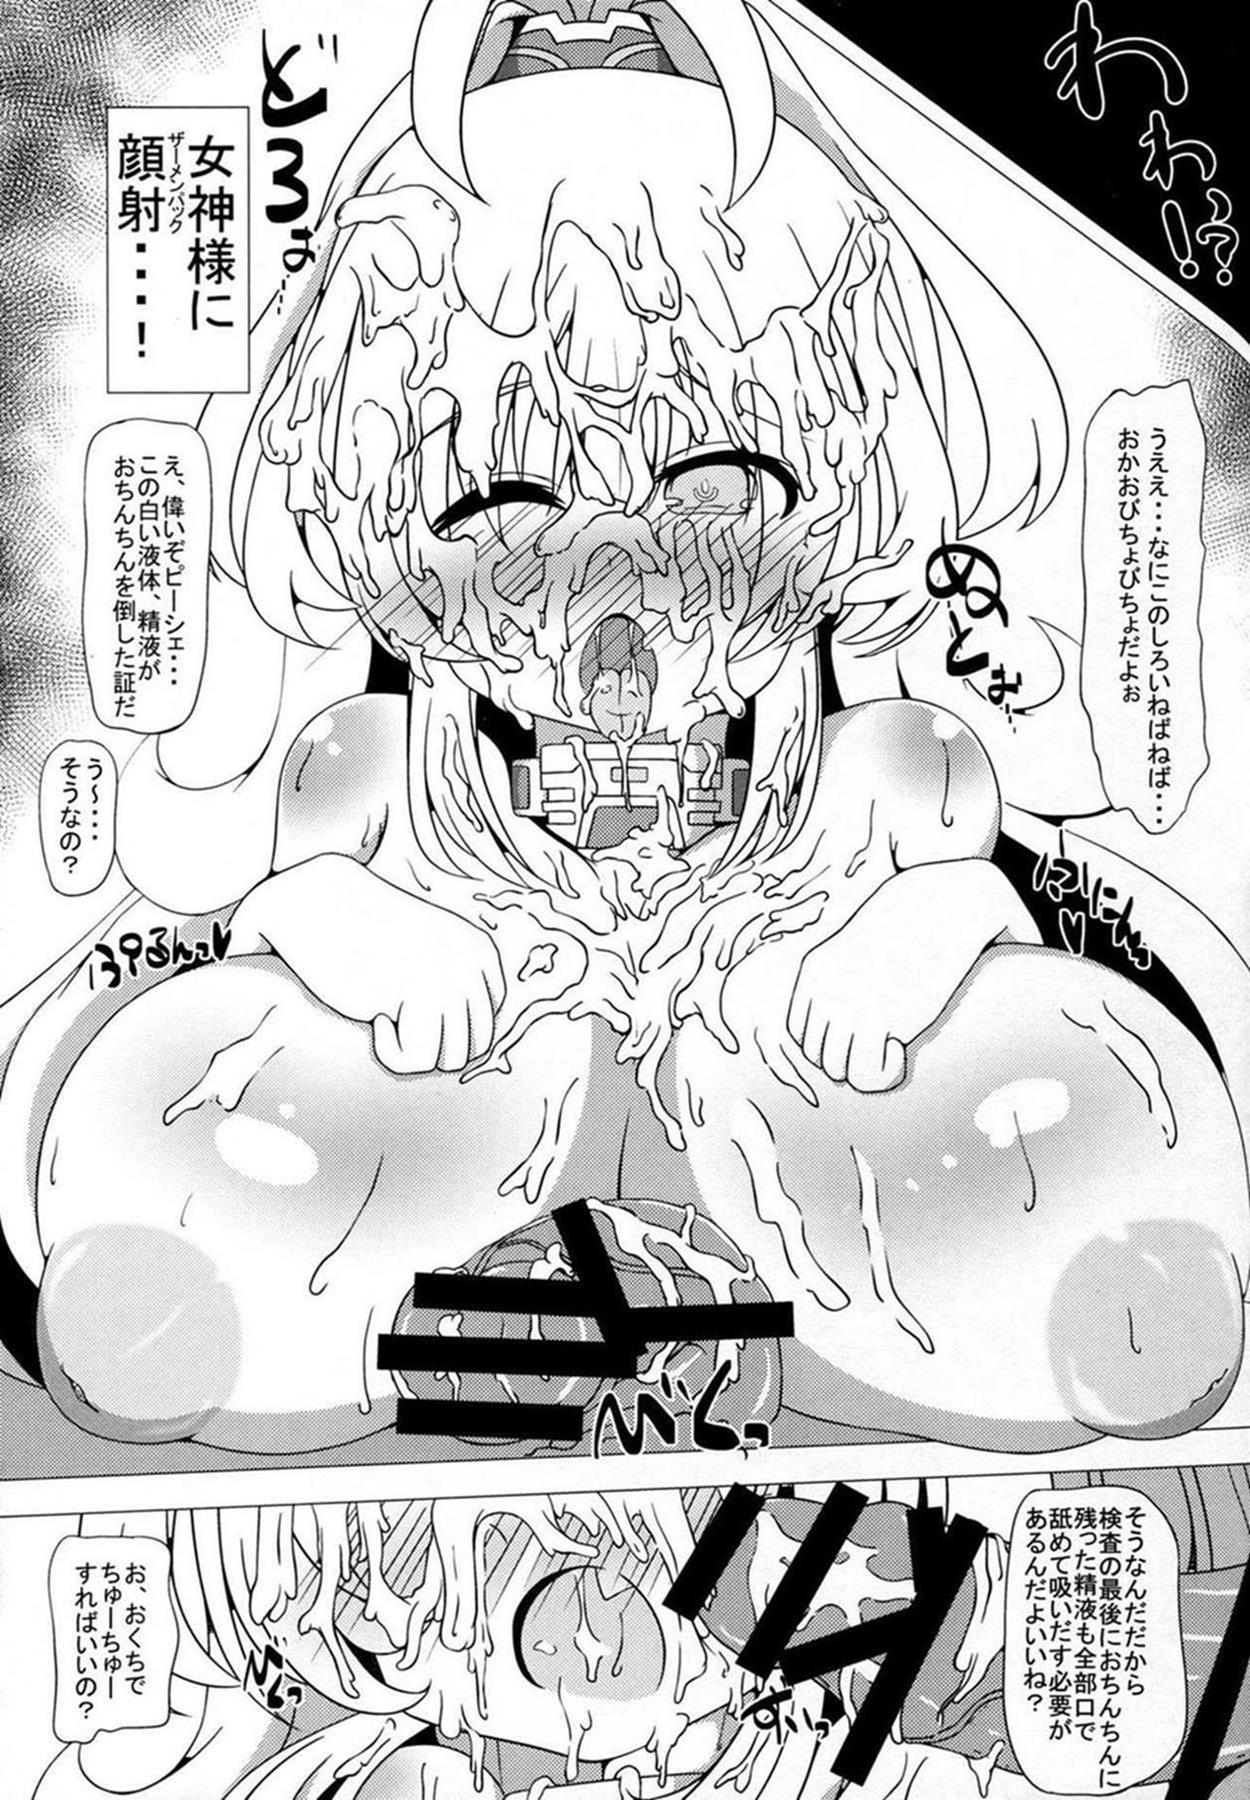 【超次元ゲイム ネプテューヌ エロ漫画・エロ同人誌】爆乳な女神様のおっぱいやアナルをエロ開発して直腸中出しキメたった☆ (11)